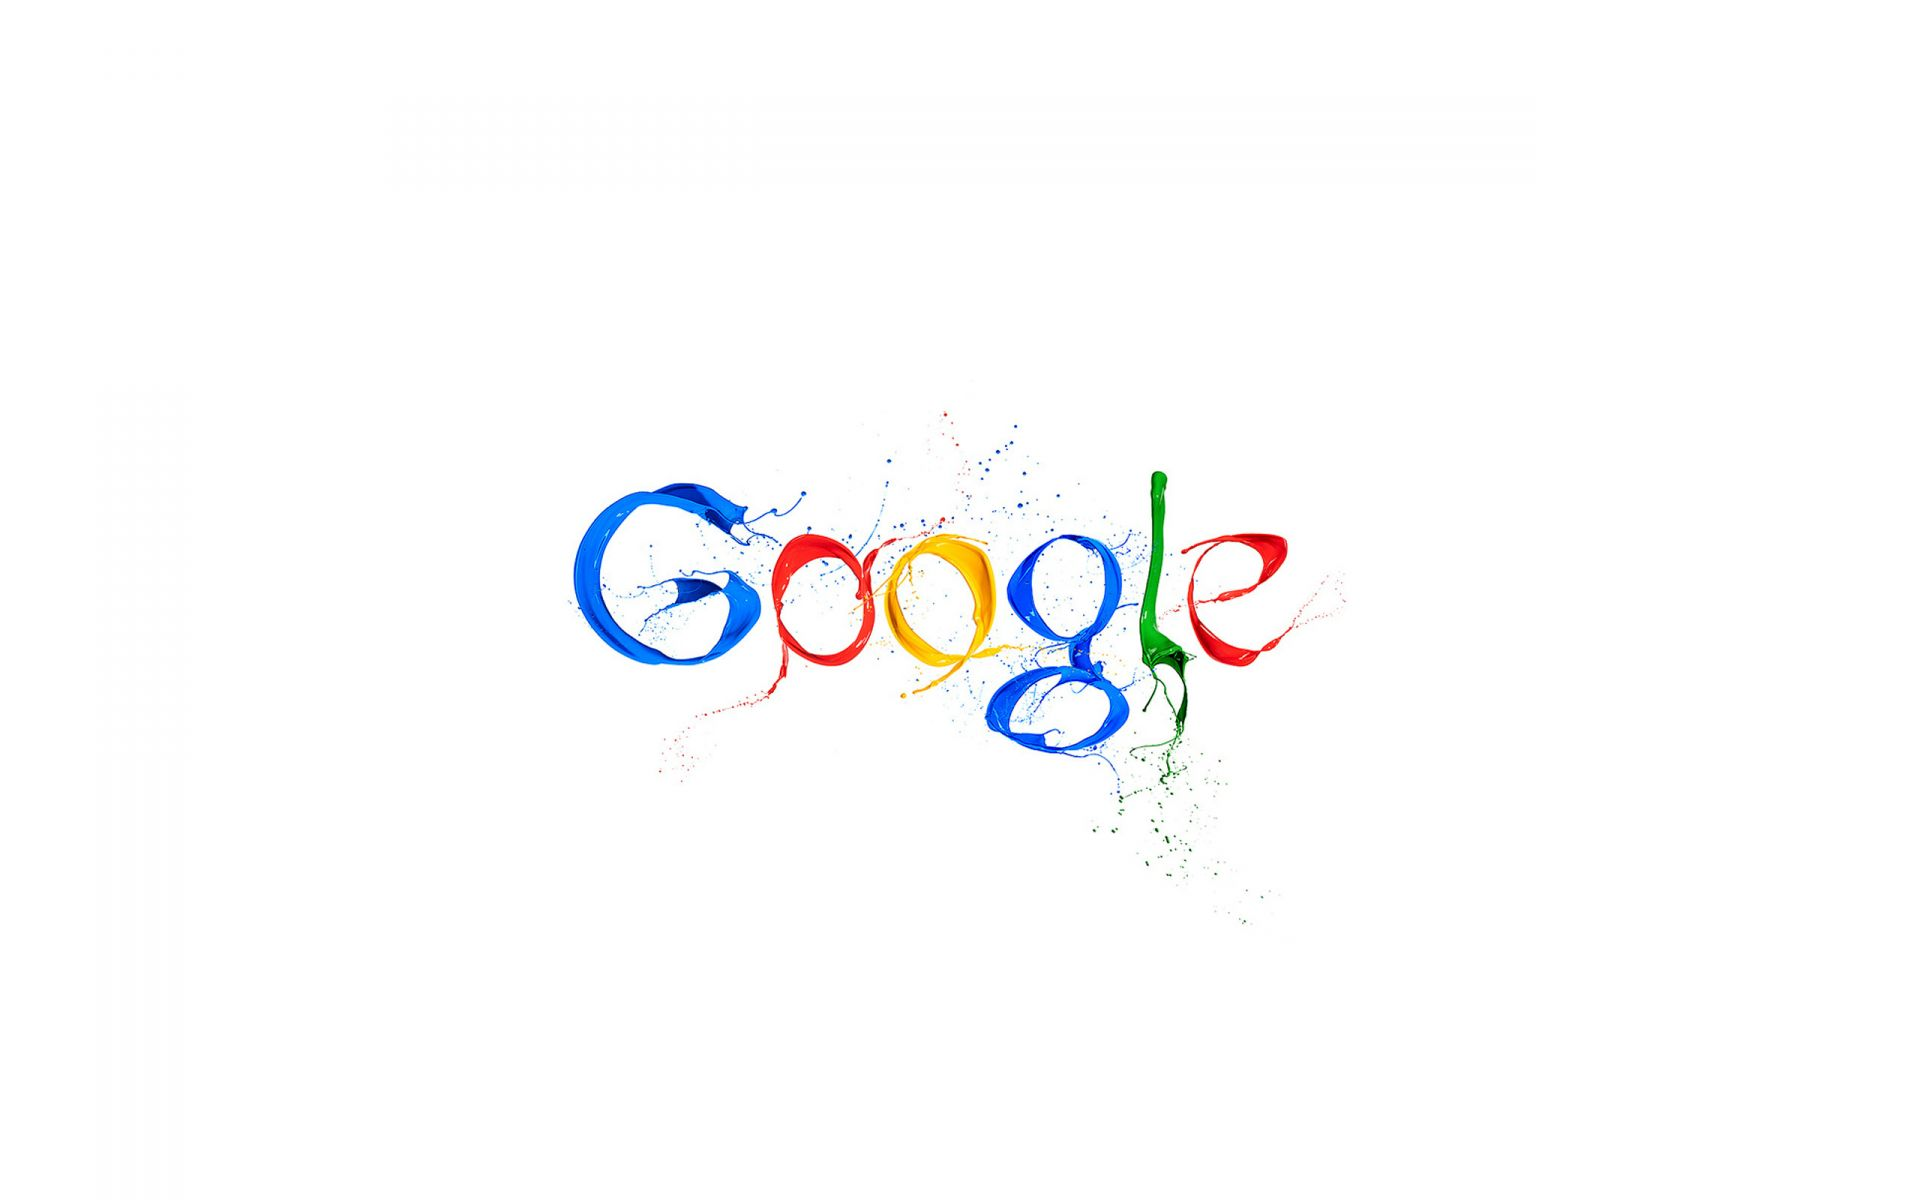 Условия использования Google Play бесплатно